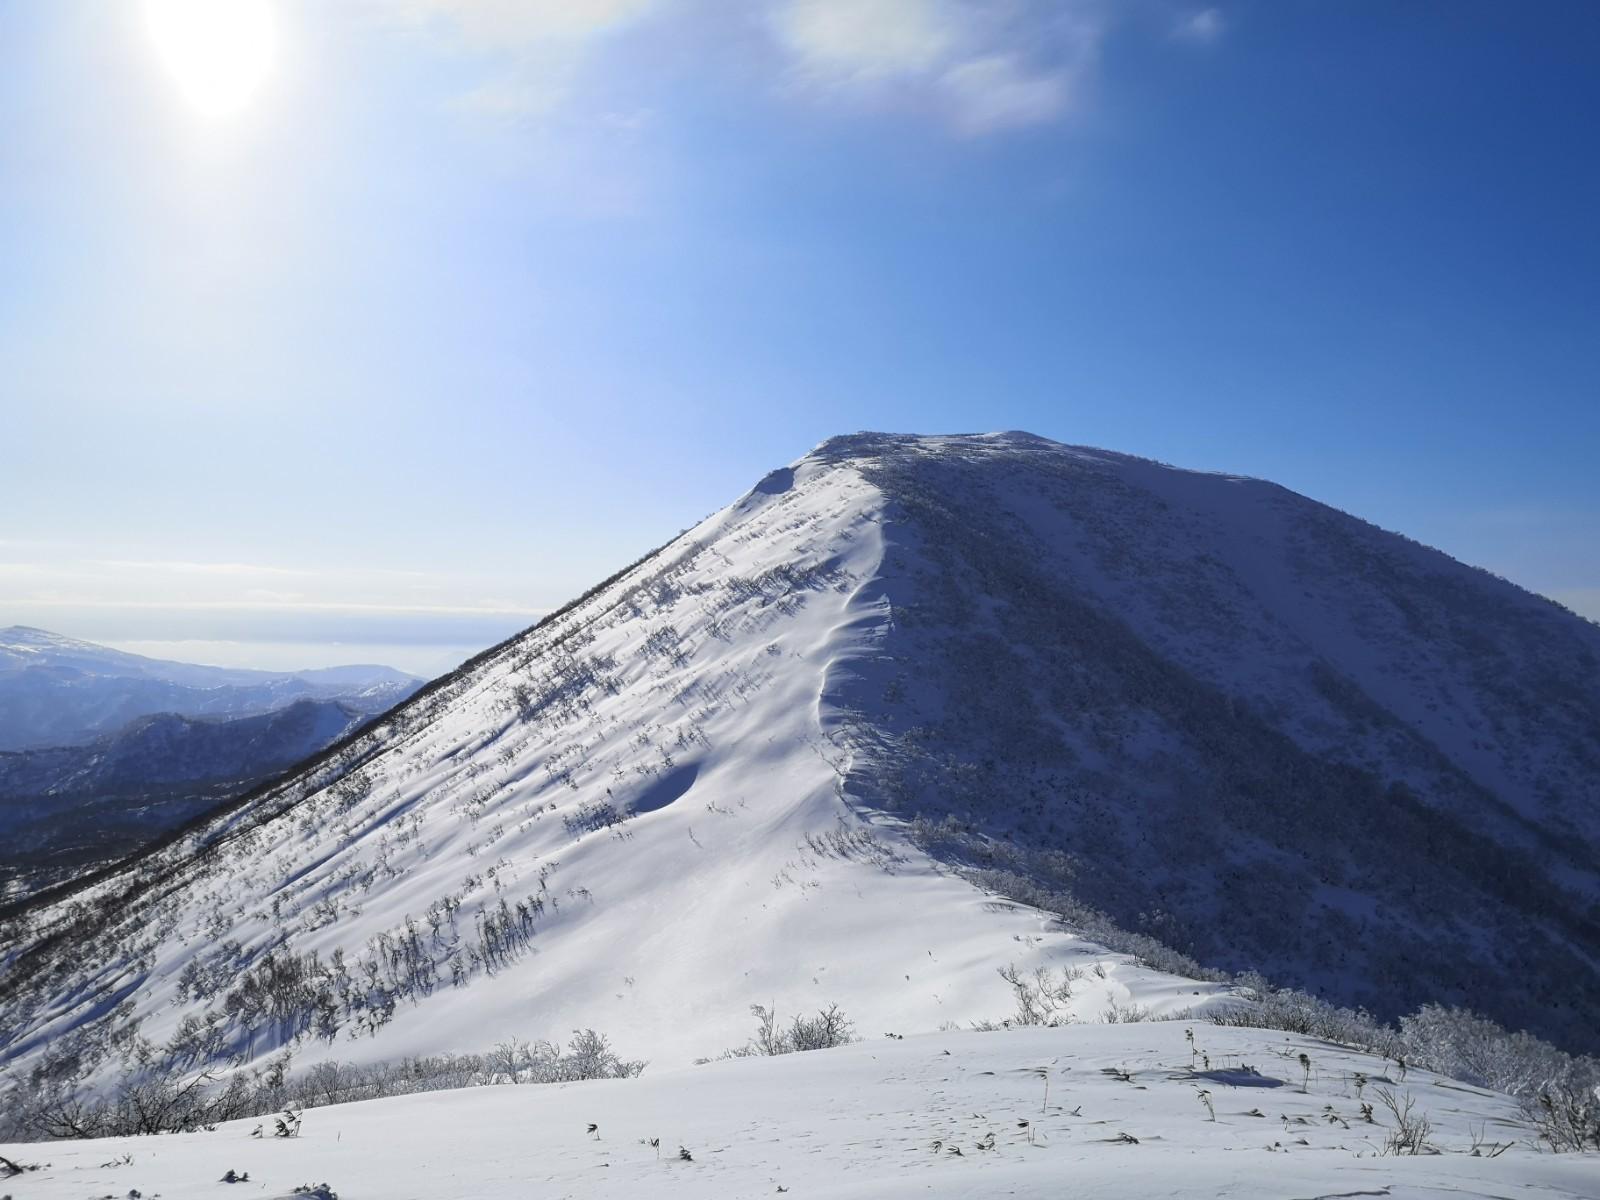 BCスキー 余市岳_d0198793_13250267.jpg